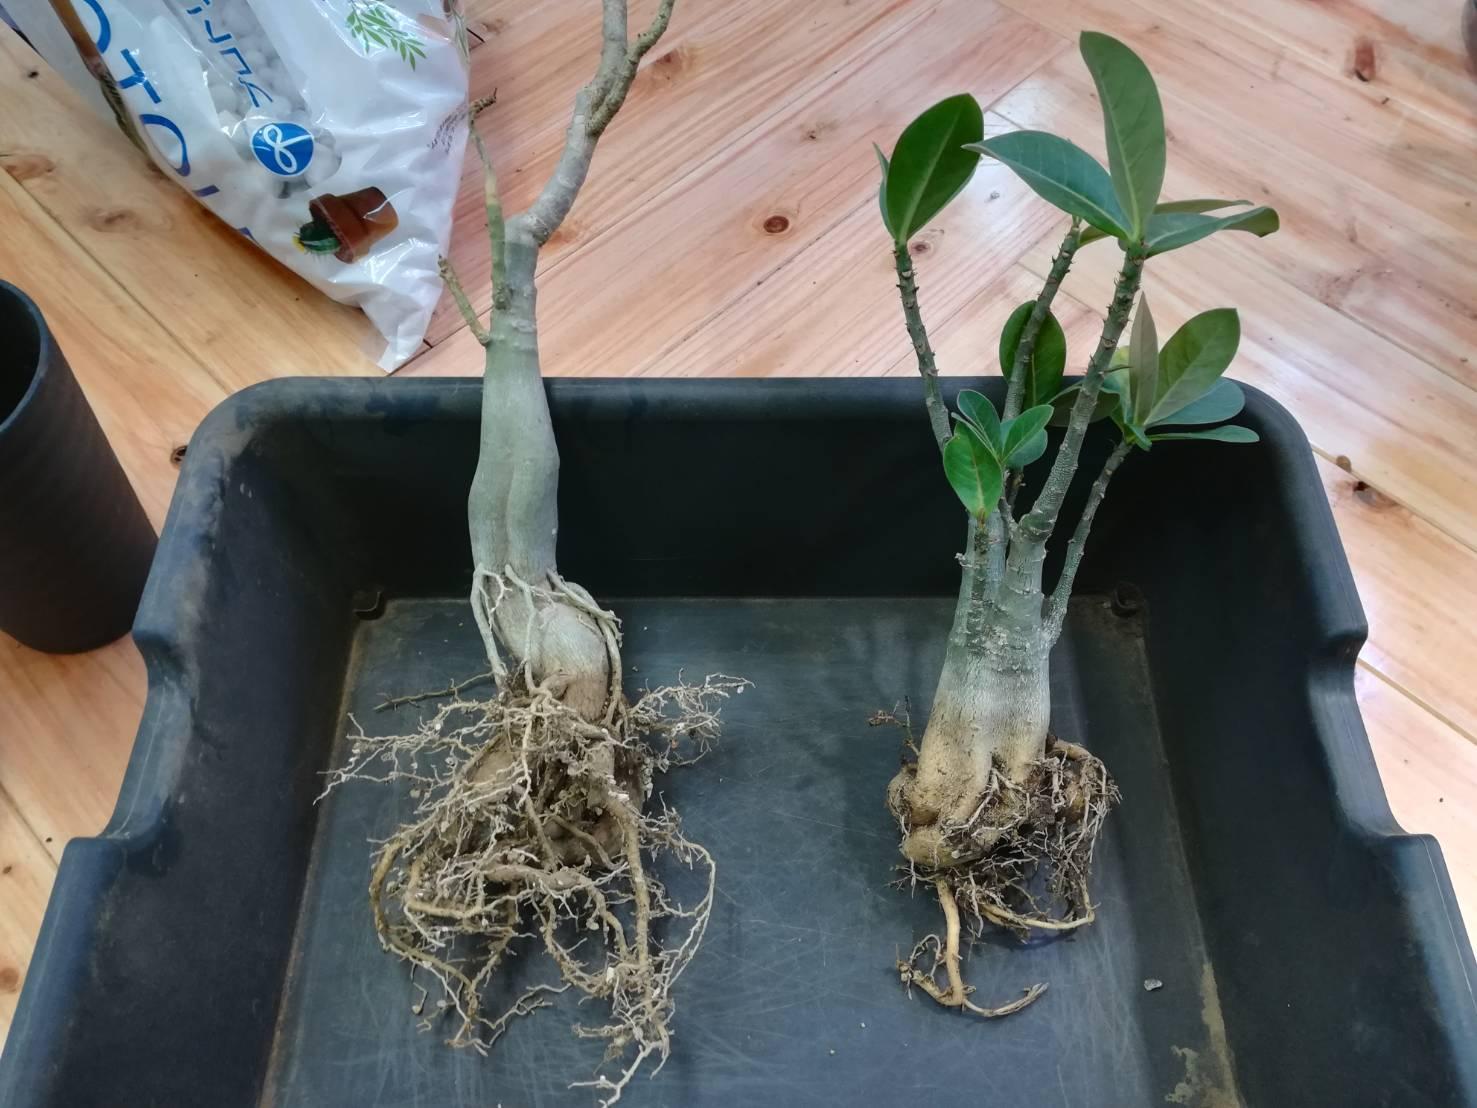 アデニウム・オベスム?アラビカム?の冬越しと春の植え替え。≪Adenium×塊根植物≫